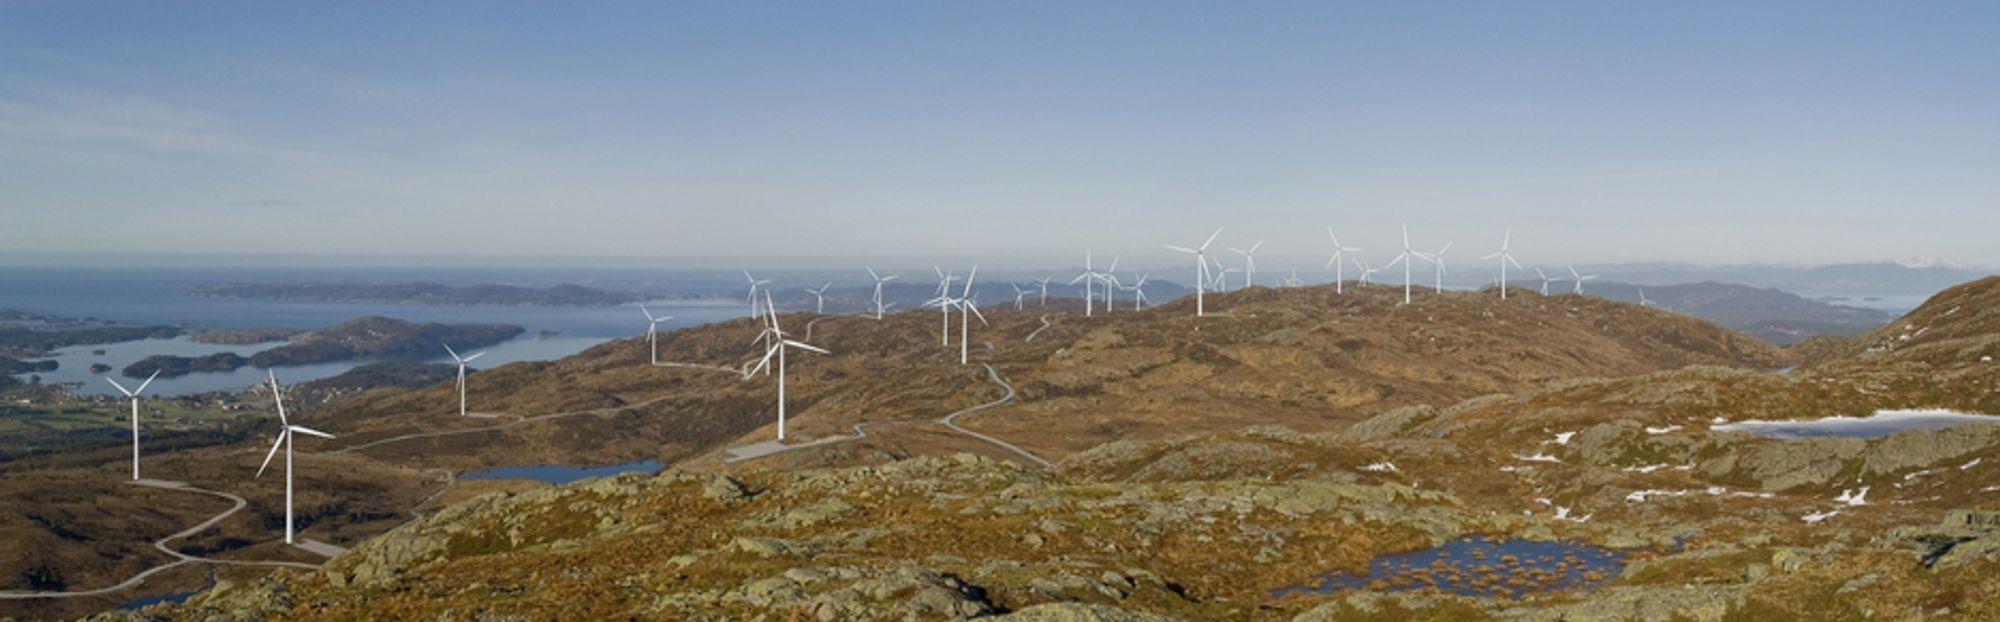 FLERE MØLLER: Slik forventer Midtfjellet Vindkraft at vindparken deres vil se ut. I dag fikk de nesten 350 millioner kroner i støtte fra Enova til prosjektet i Fitjar kommune.